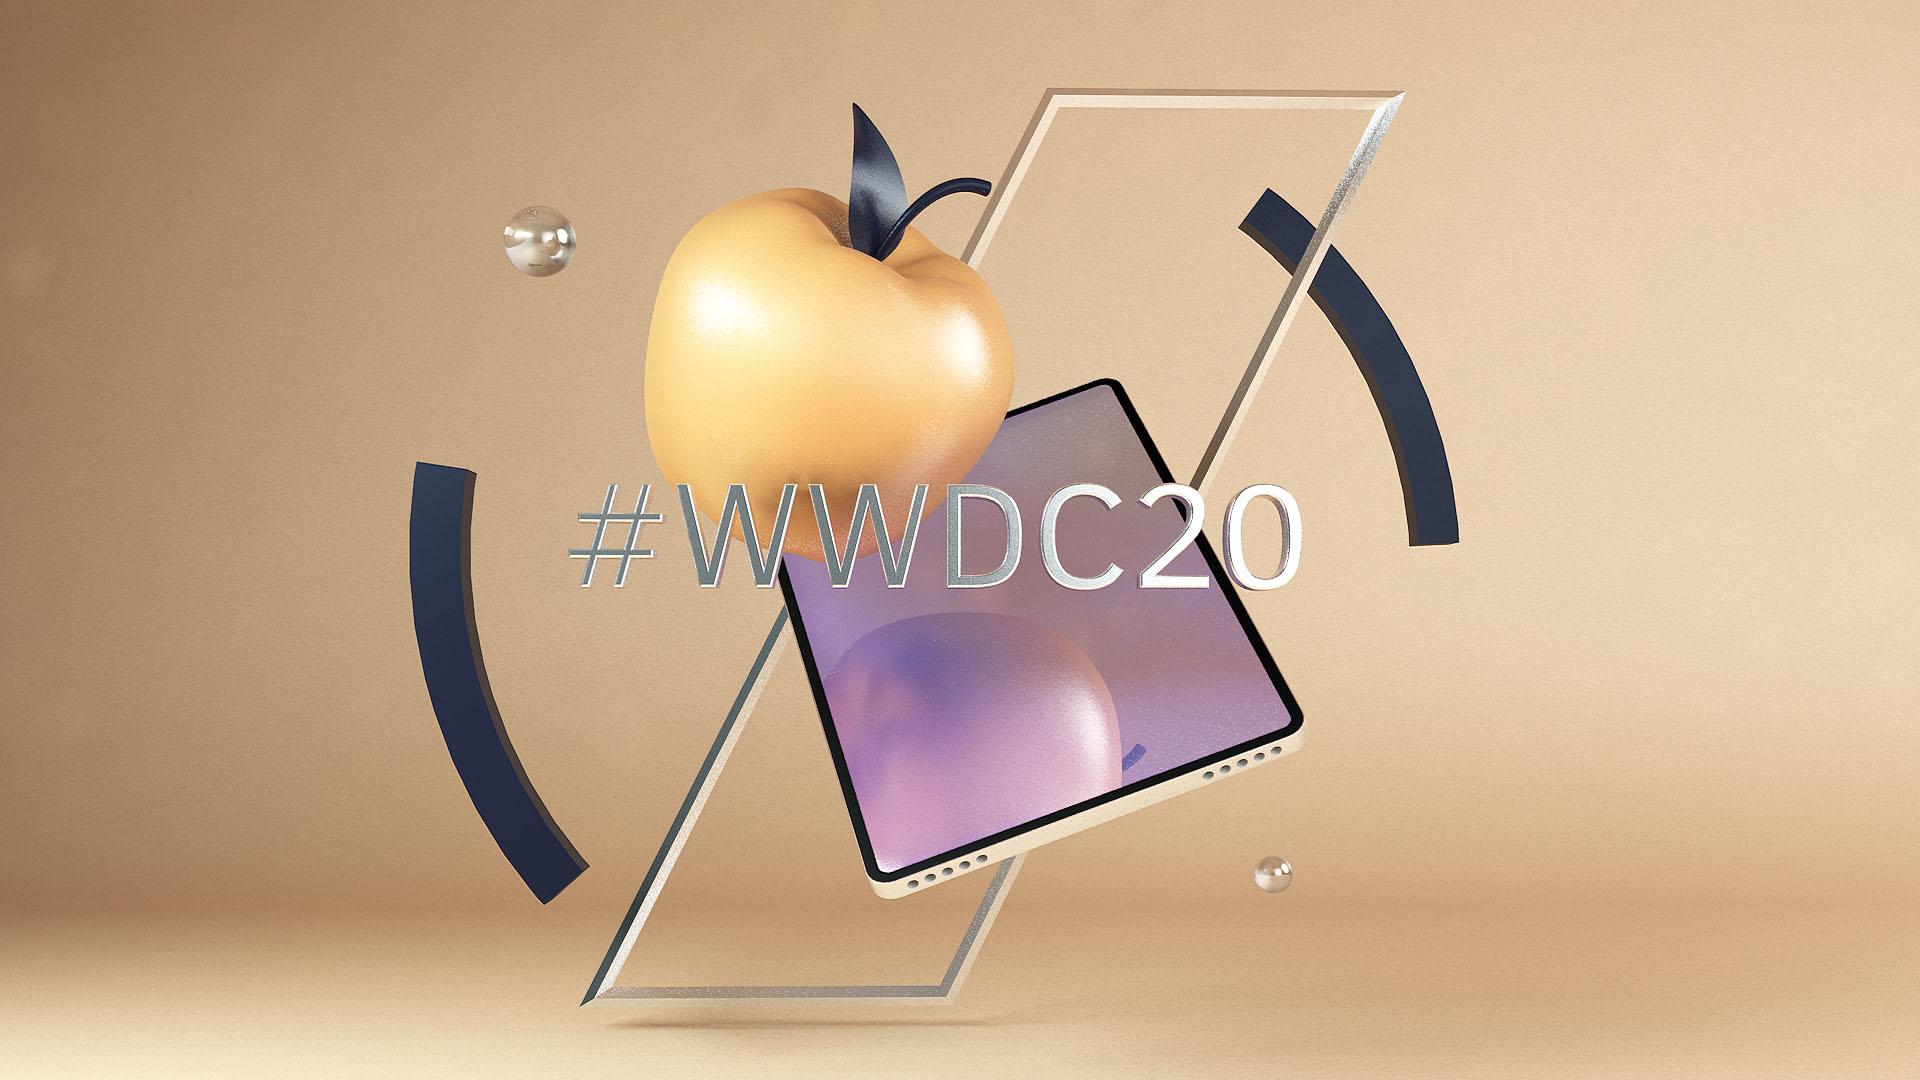 Выступления и презентации в стиле Apple на примере WWDC20